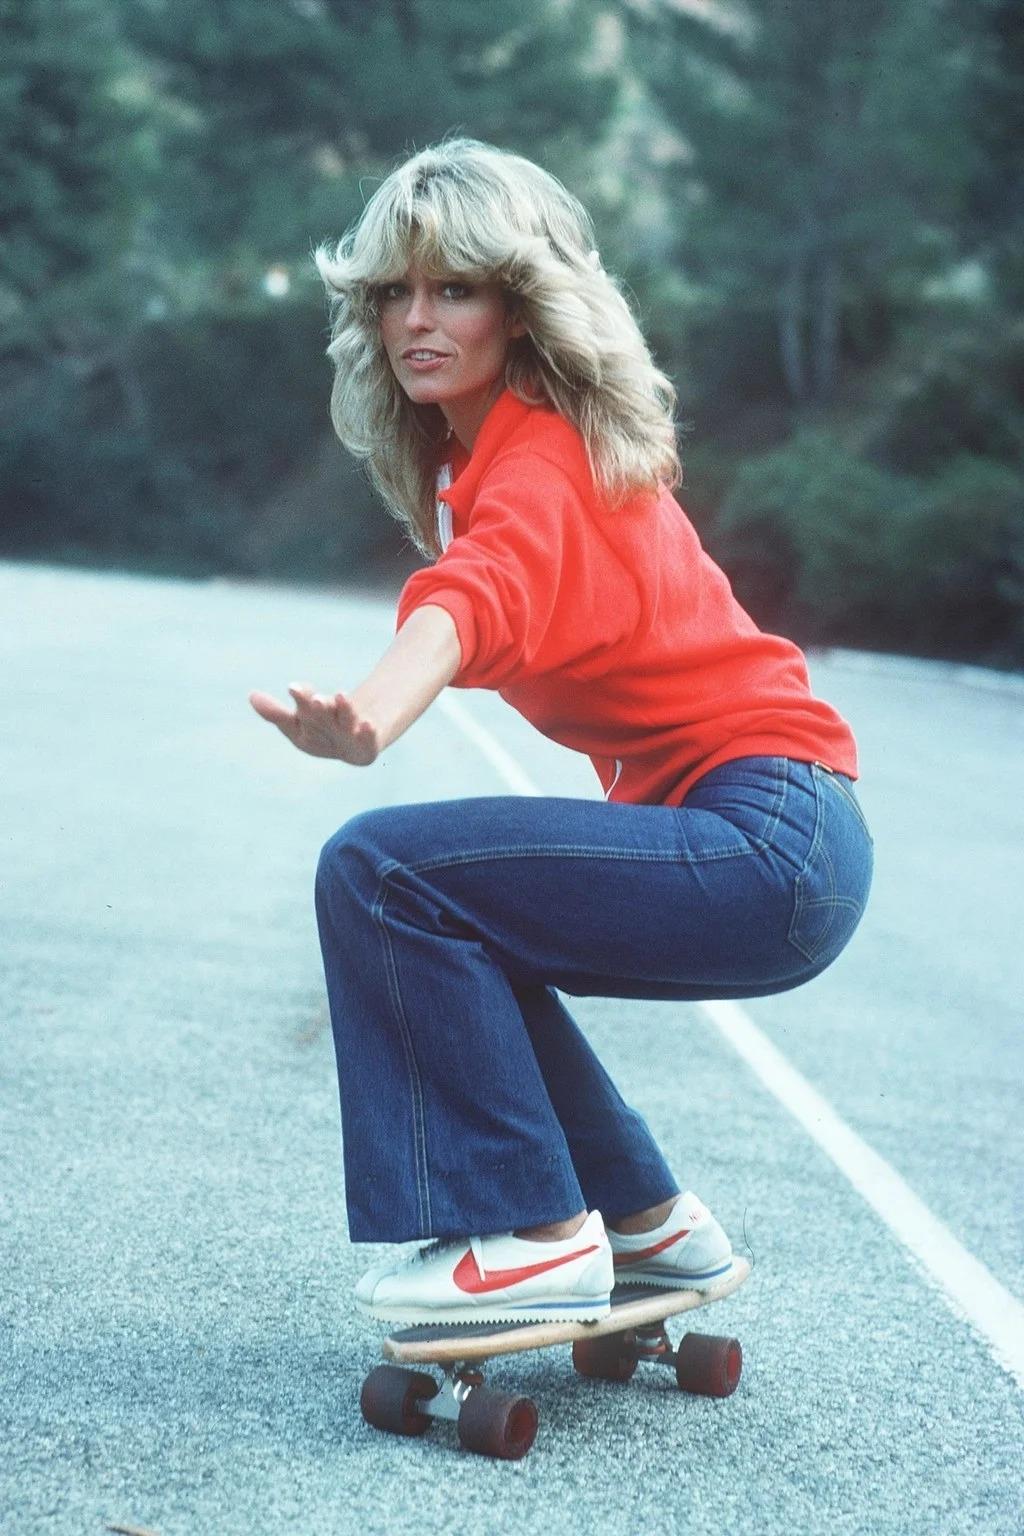 Farrah Fawcett diện trang phục khỏe khoắn trong bức ảnh trượt ván nổi tiếng